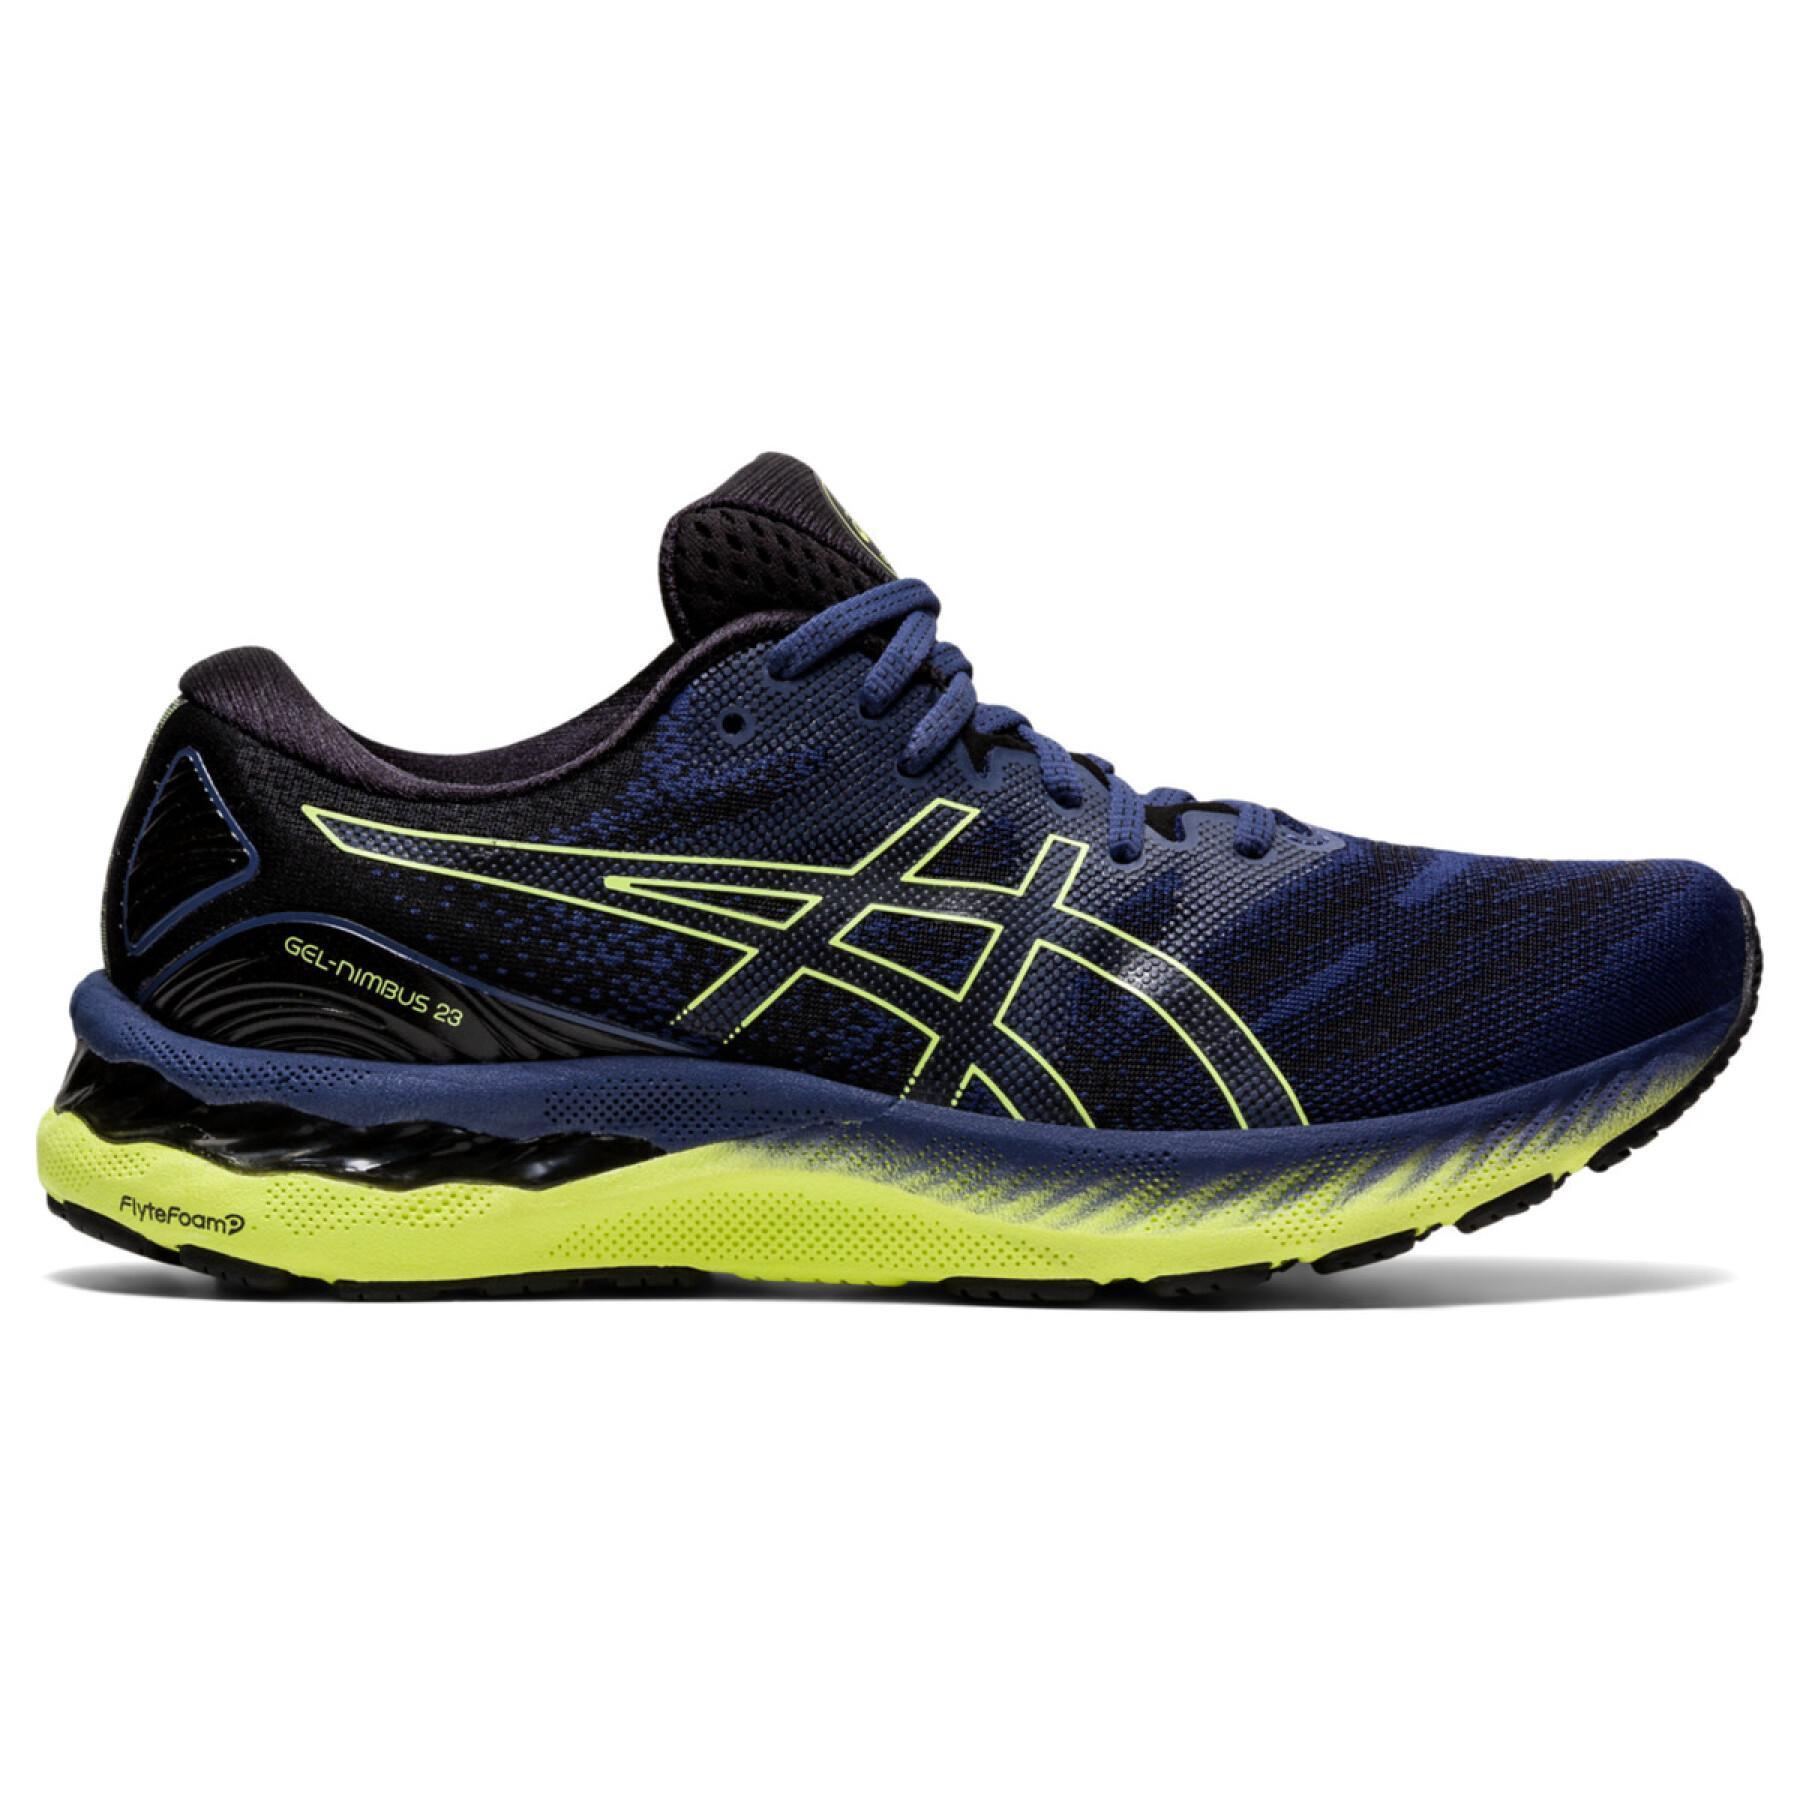 Chaussures Asics Gel-Nimbus 23